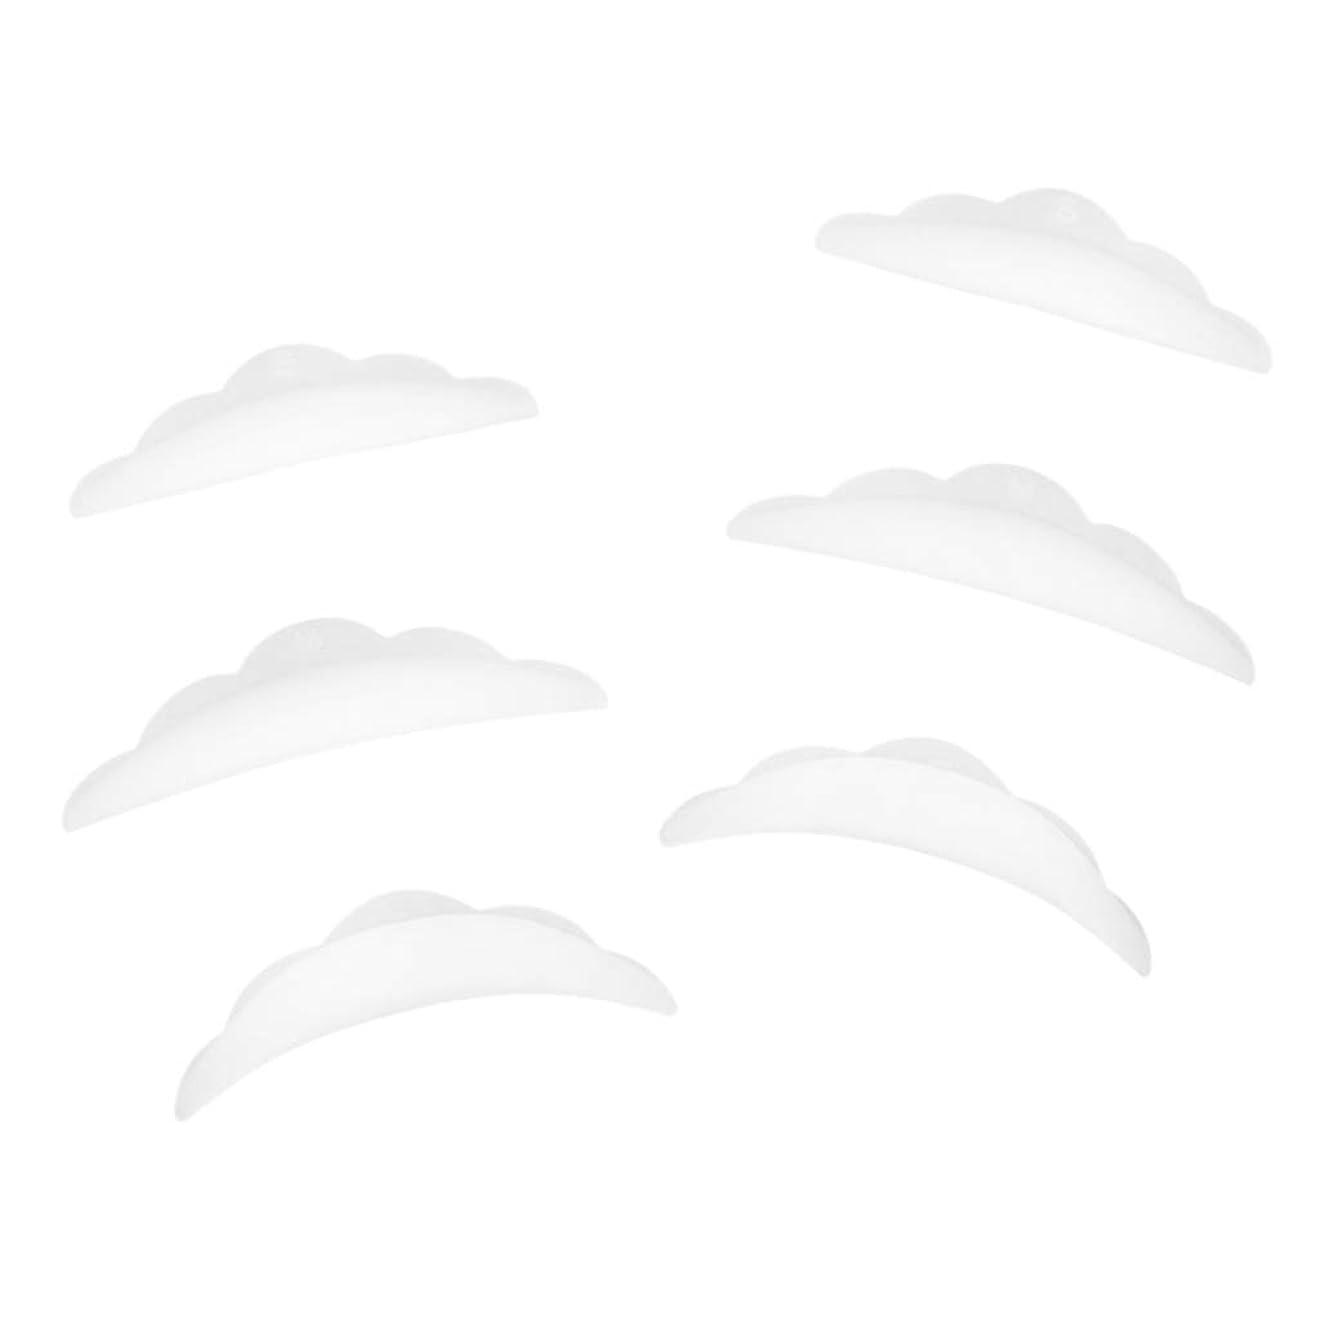 ガムトラフィック散髪B Baosity 3ペア ラッシュリフトパーマ カーラーパッド 再利用可 柔らかい シリコン 快適